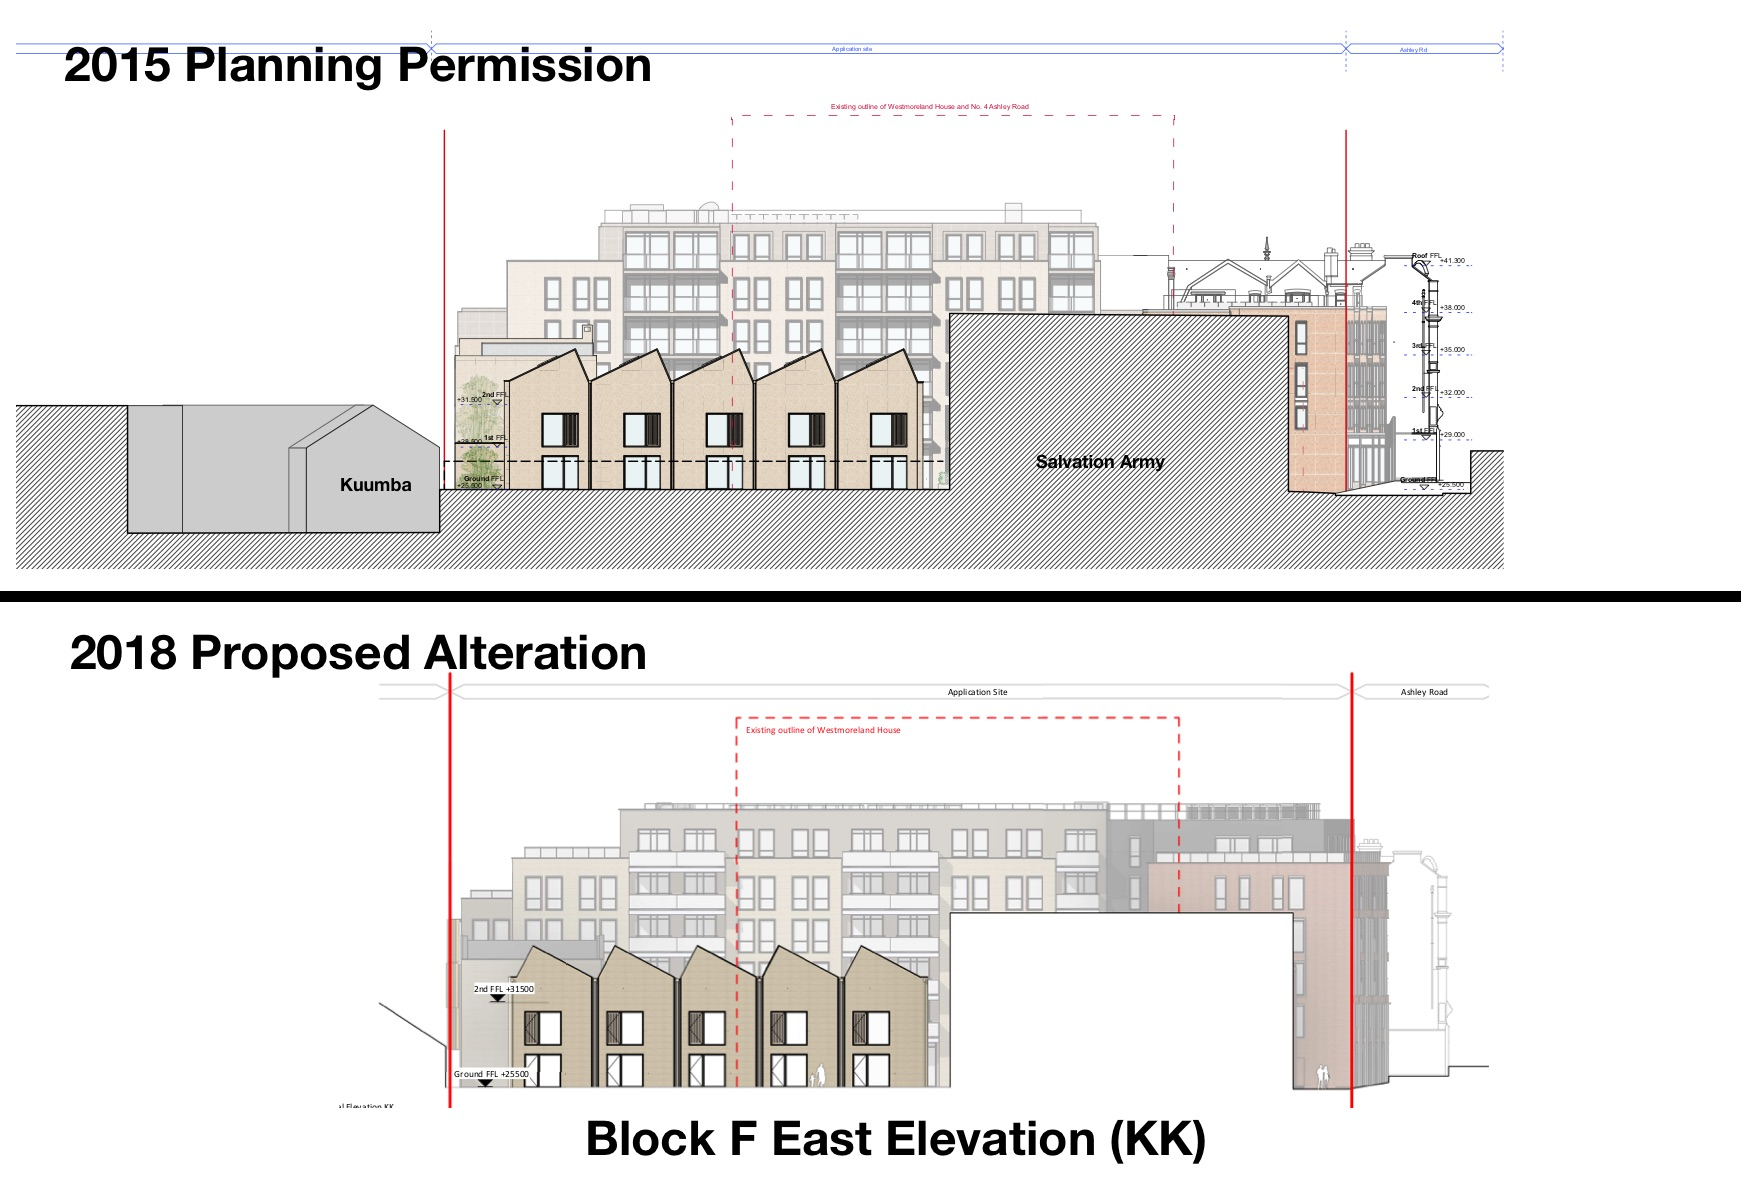 KK Block F east elevation comparison.jpg